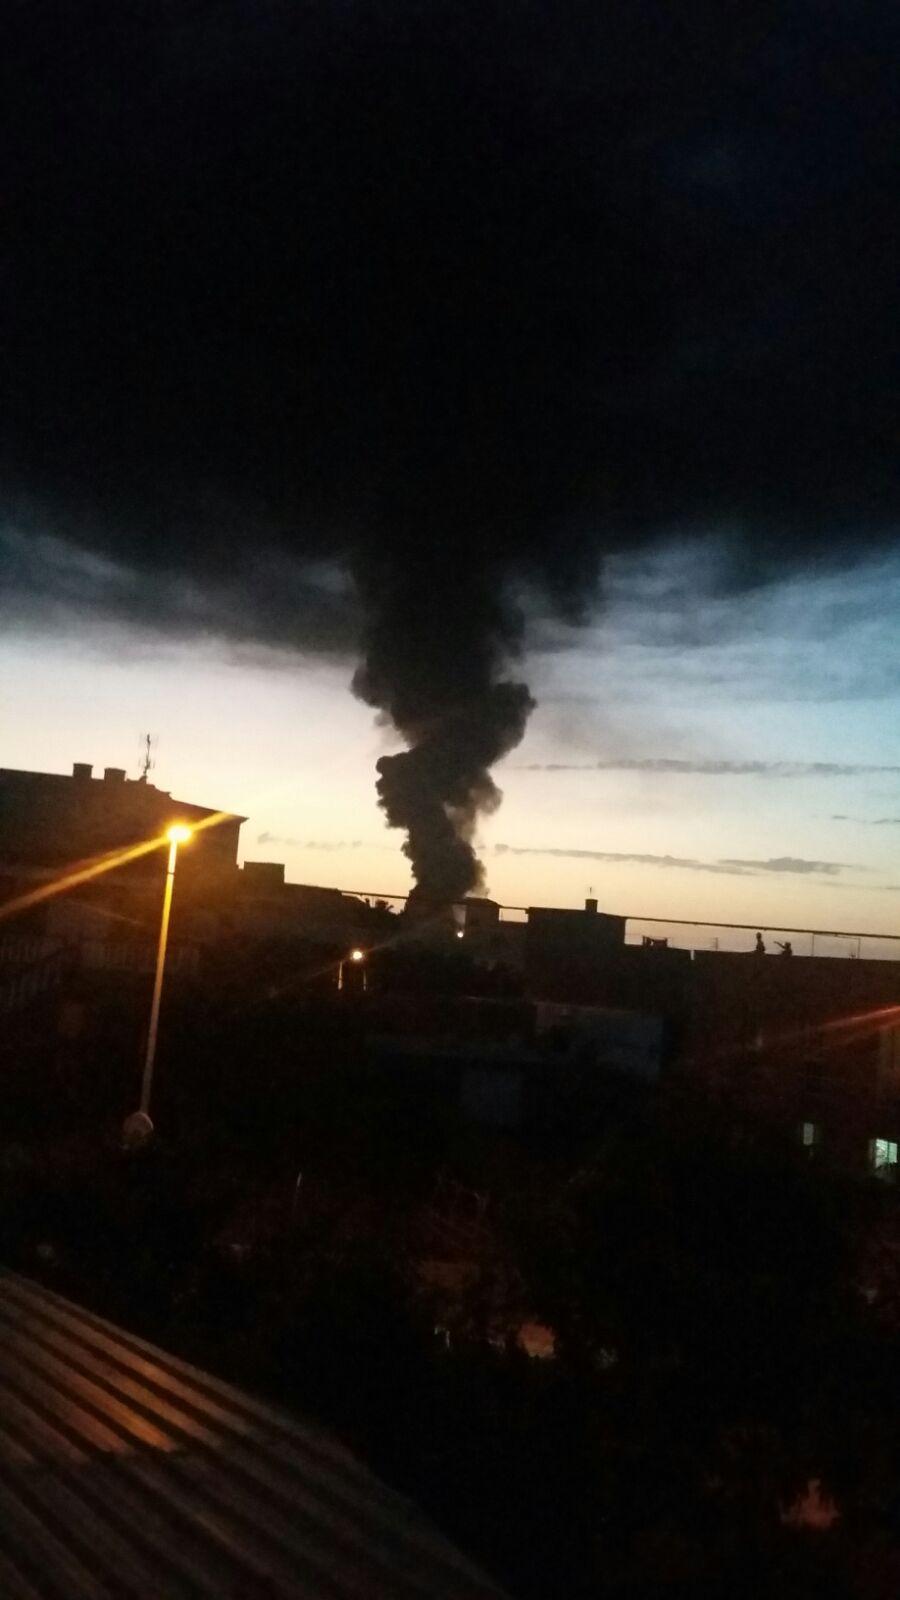 Incendio en una nave industrial en Tagoro (Tacoronte)